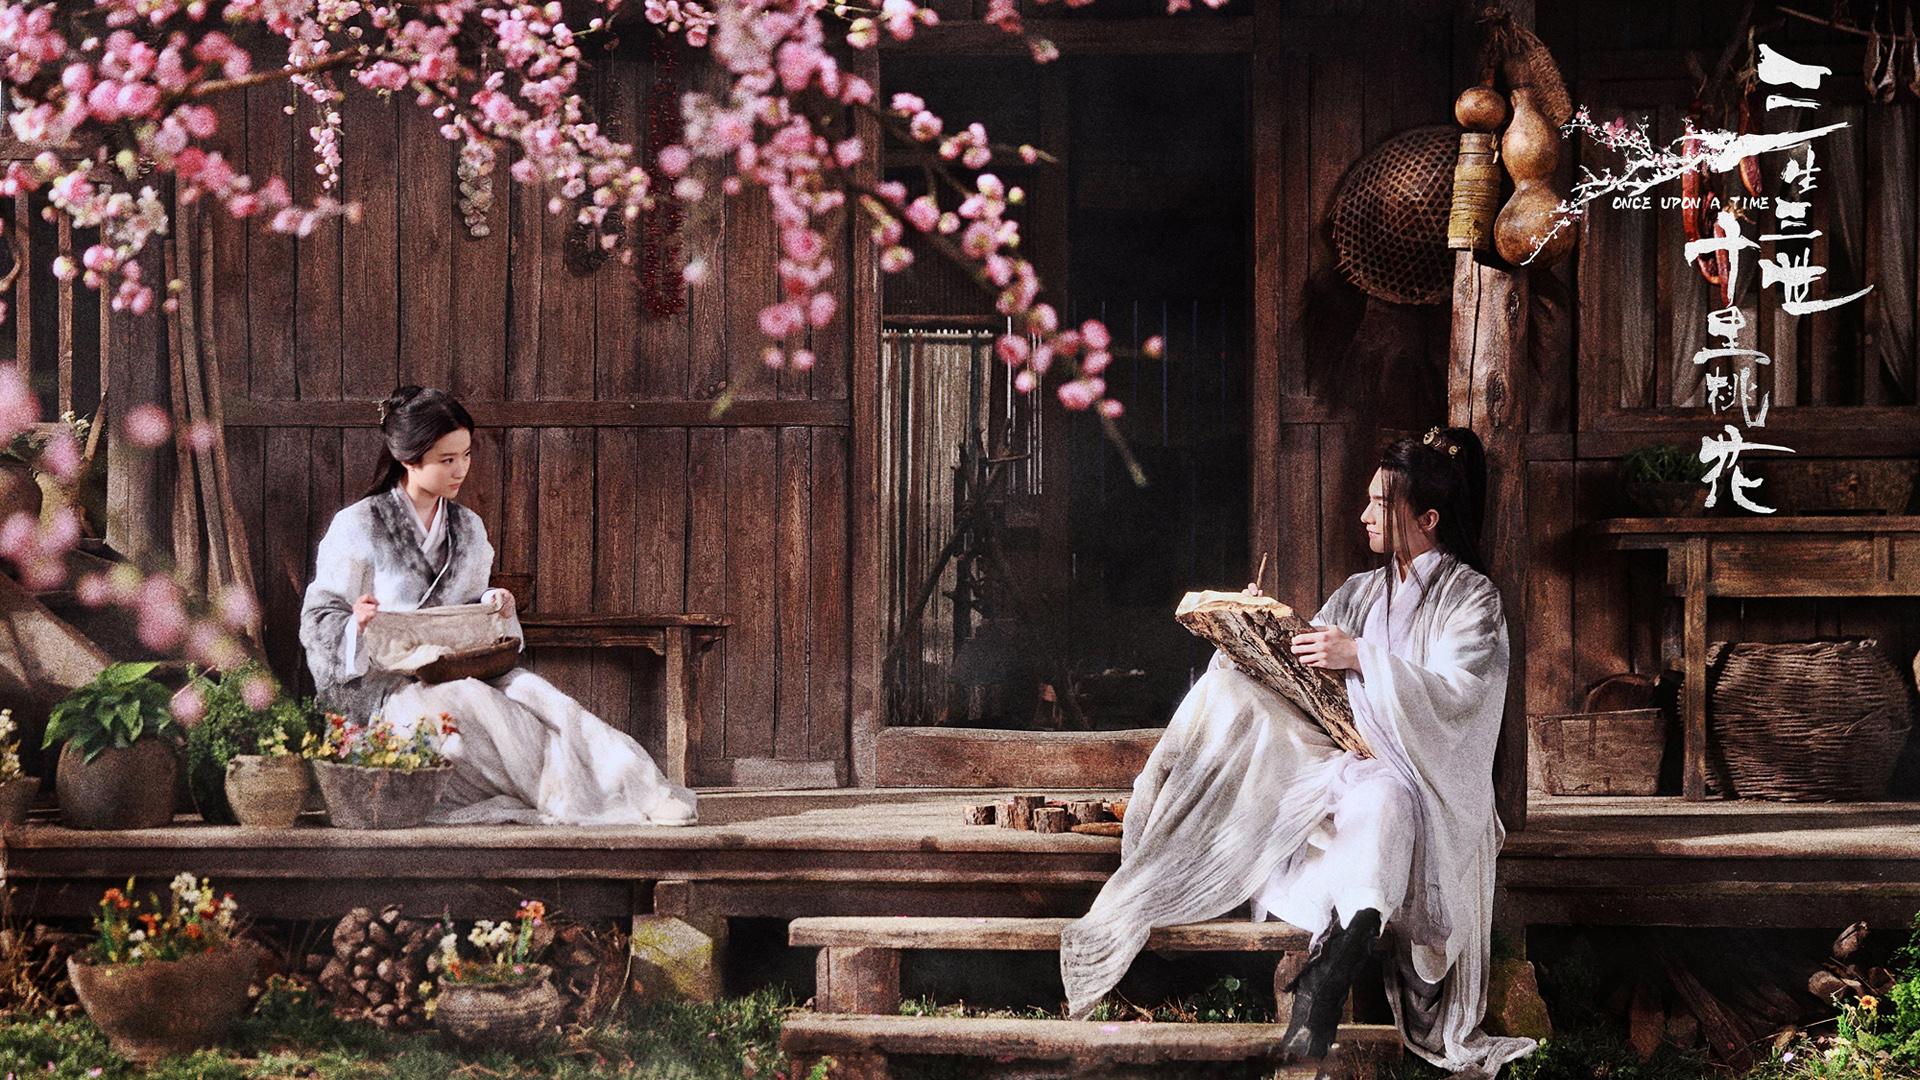 刘亦菲唯美高清桌面壁纸 三生三世十里桃花刘亦菲唯美高清壁纸 高清壁纸 第9张